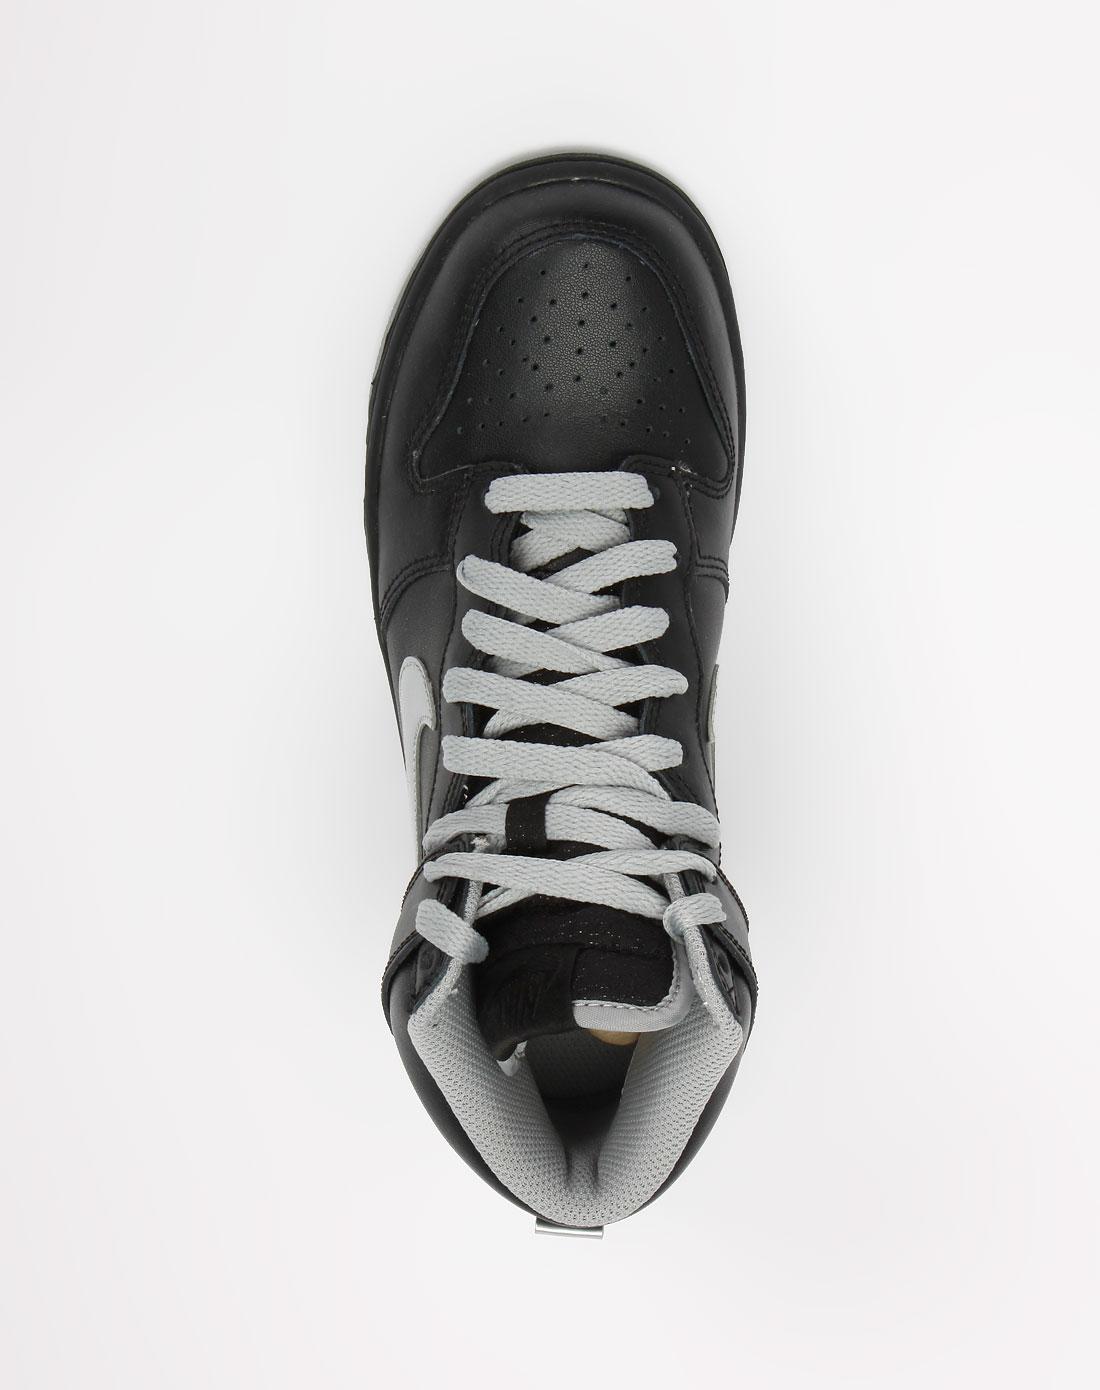 黑/银色高帮绑带运动鞋